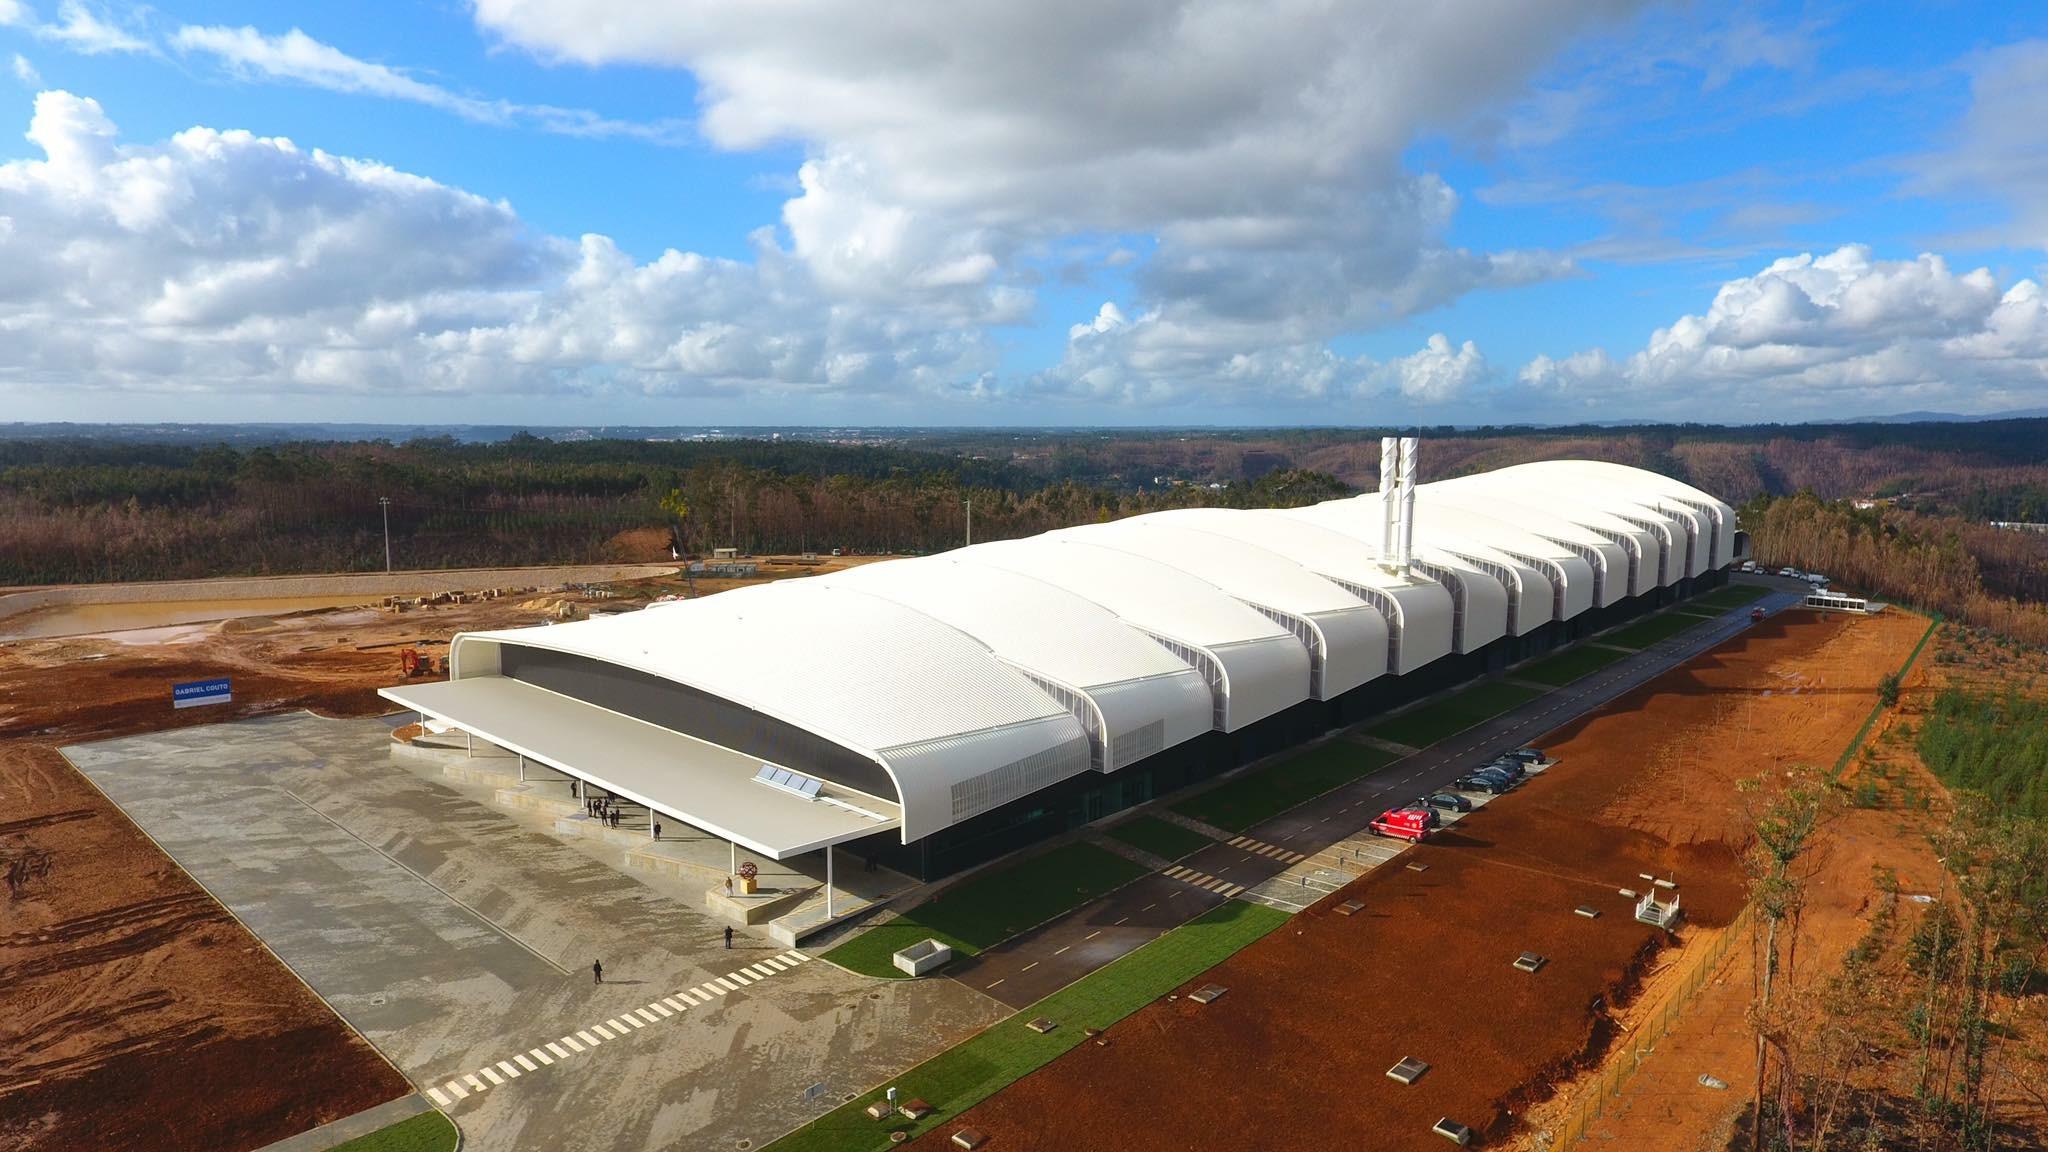 Fábrica custou 37 milhões de euros e encontra-se num terreno com 230.000 m2. / Gabriel Couto